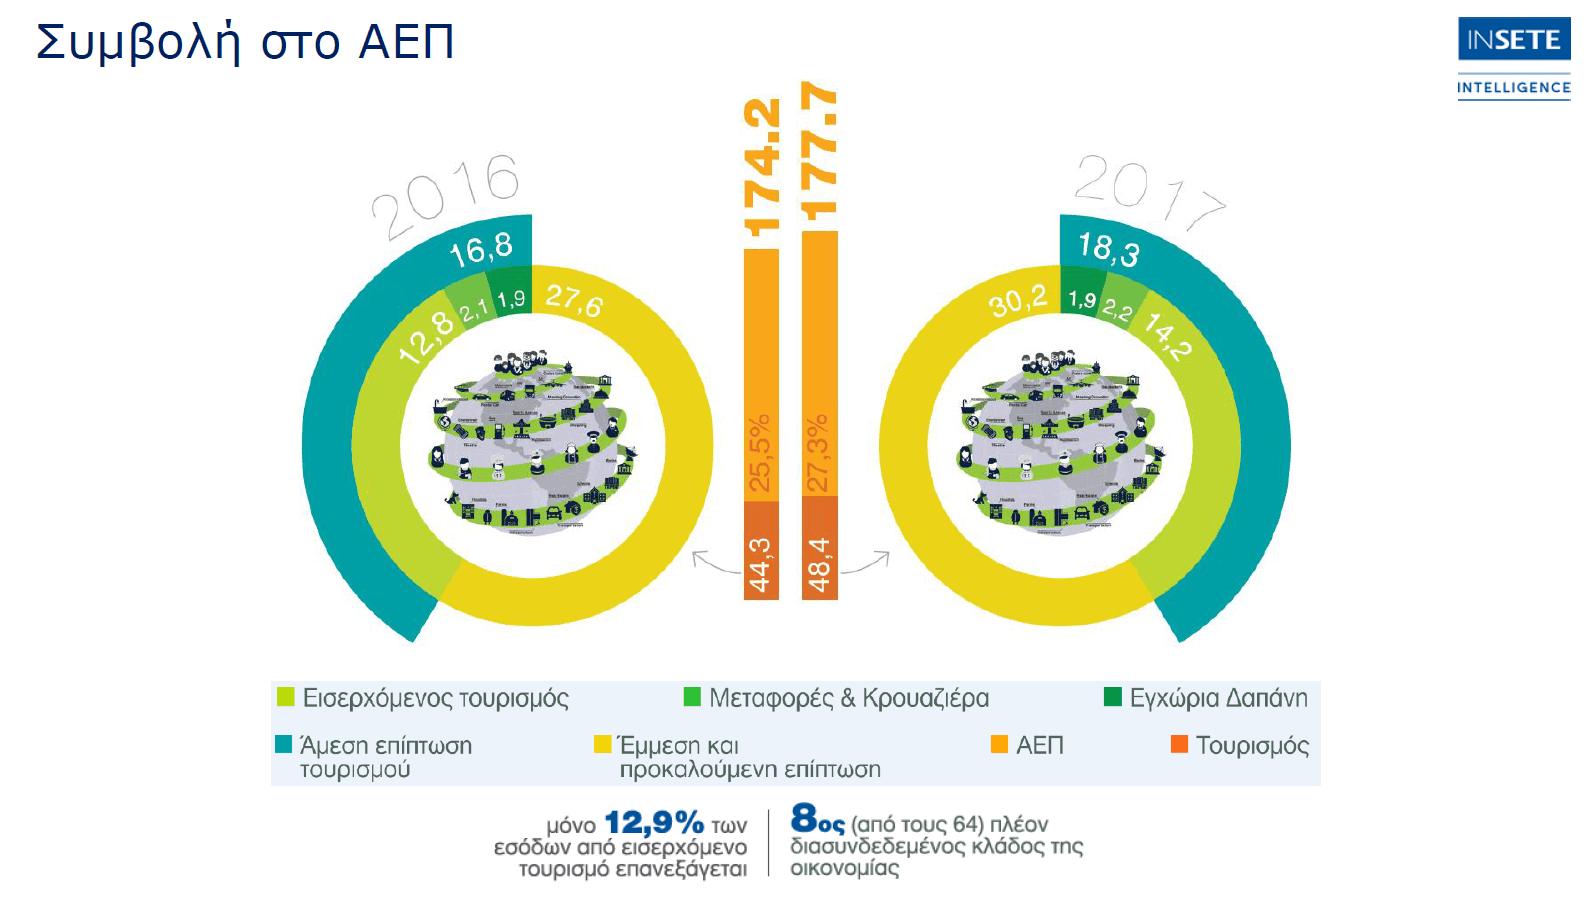 ο τουρισμός και το ελληνικό ξενοδοχείο ξεπερνάει το 25% του ΑΕΠ